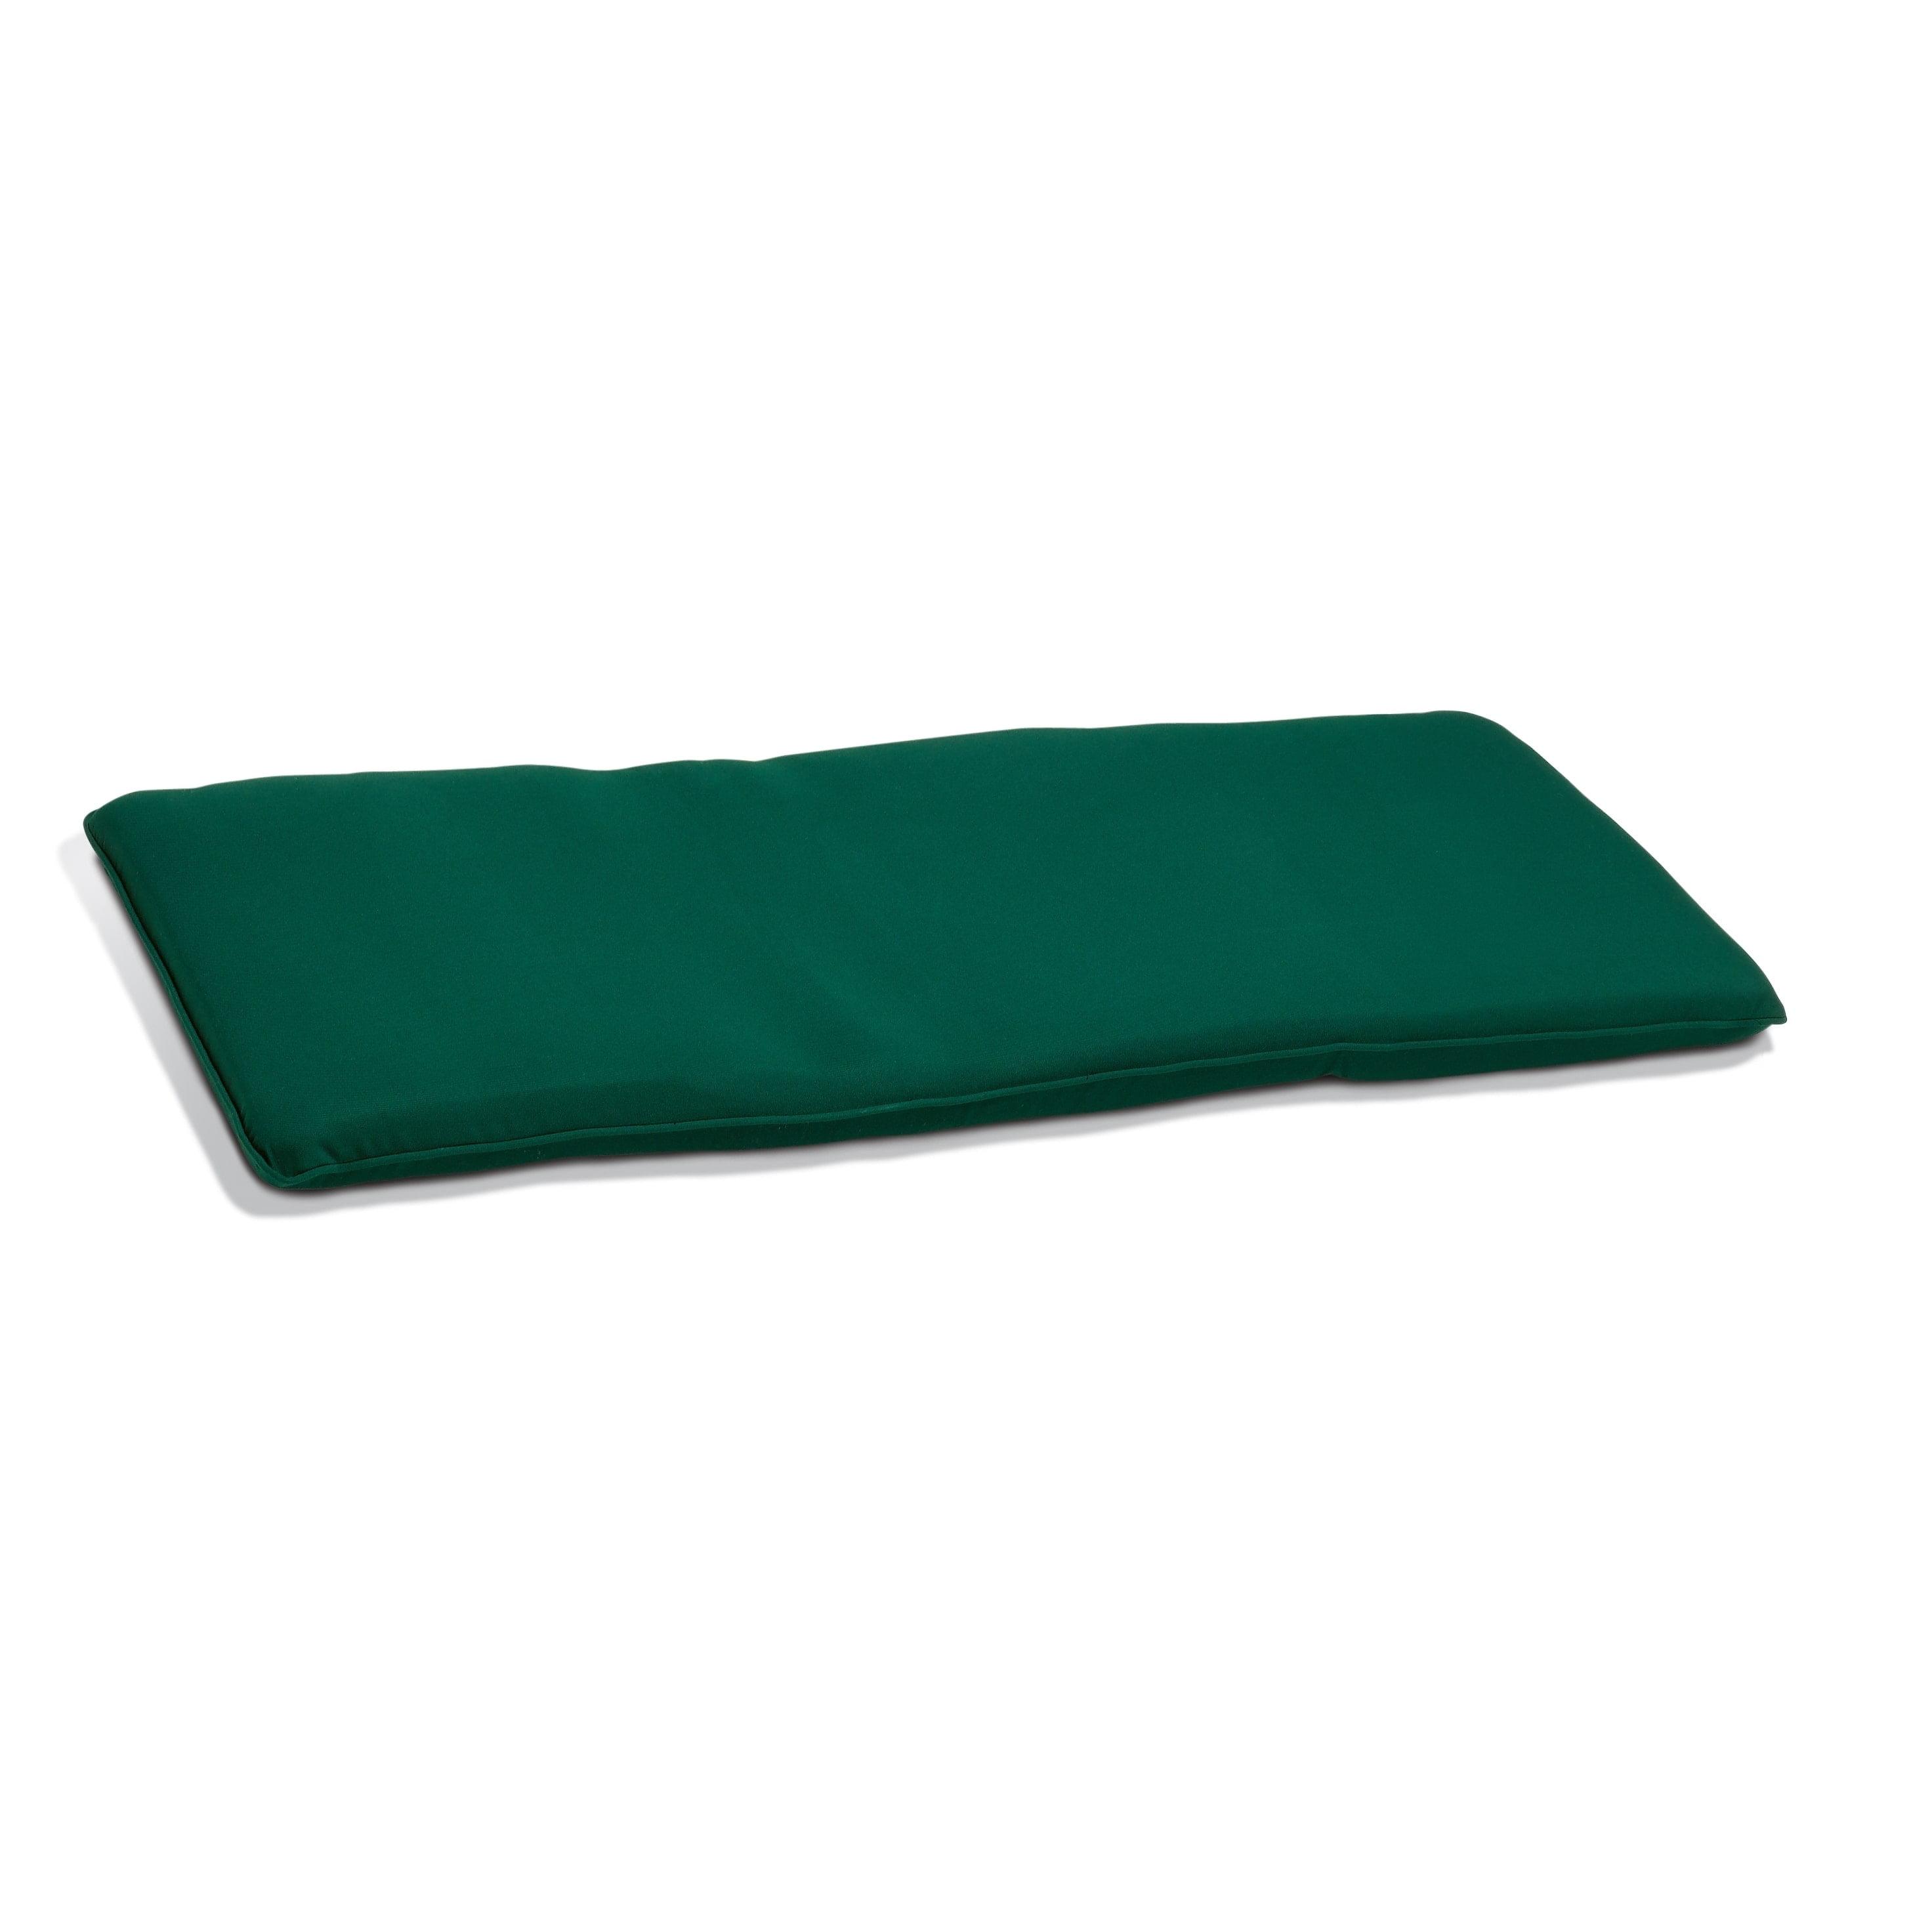 Oxford Garden Sunbrella Cushion for 48-inch Backless Bench ...